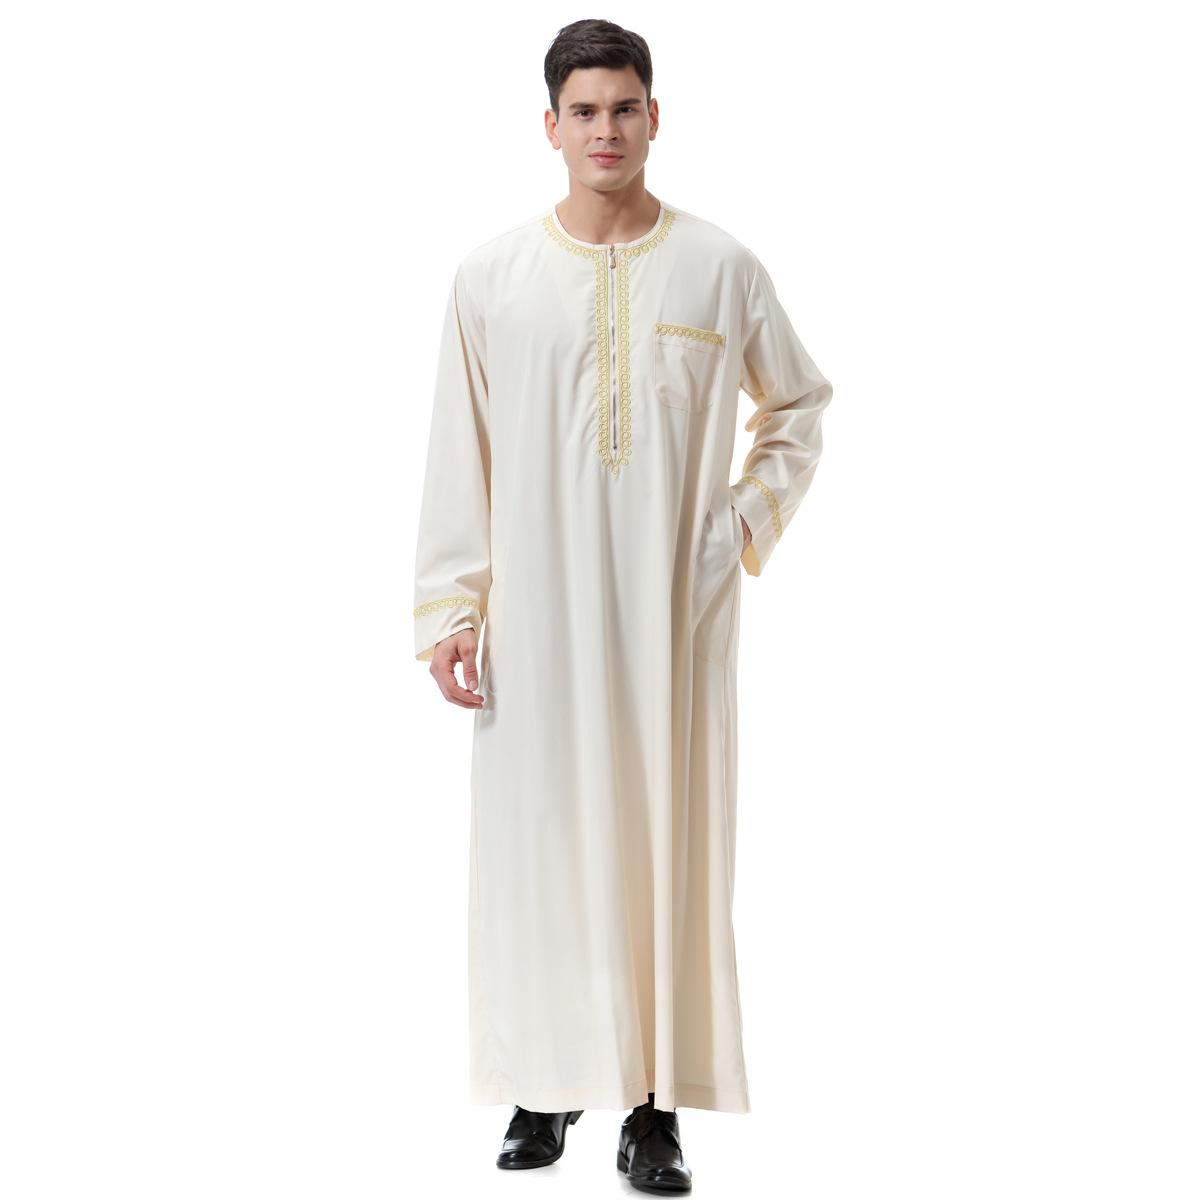 Herren Arabien Lange Tops Plus Dubai Kaftan Leinen Sommer Kapuze Kleid Shirt